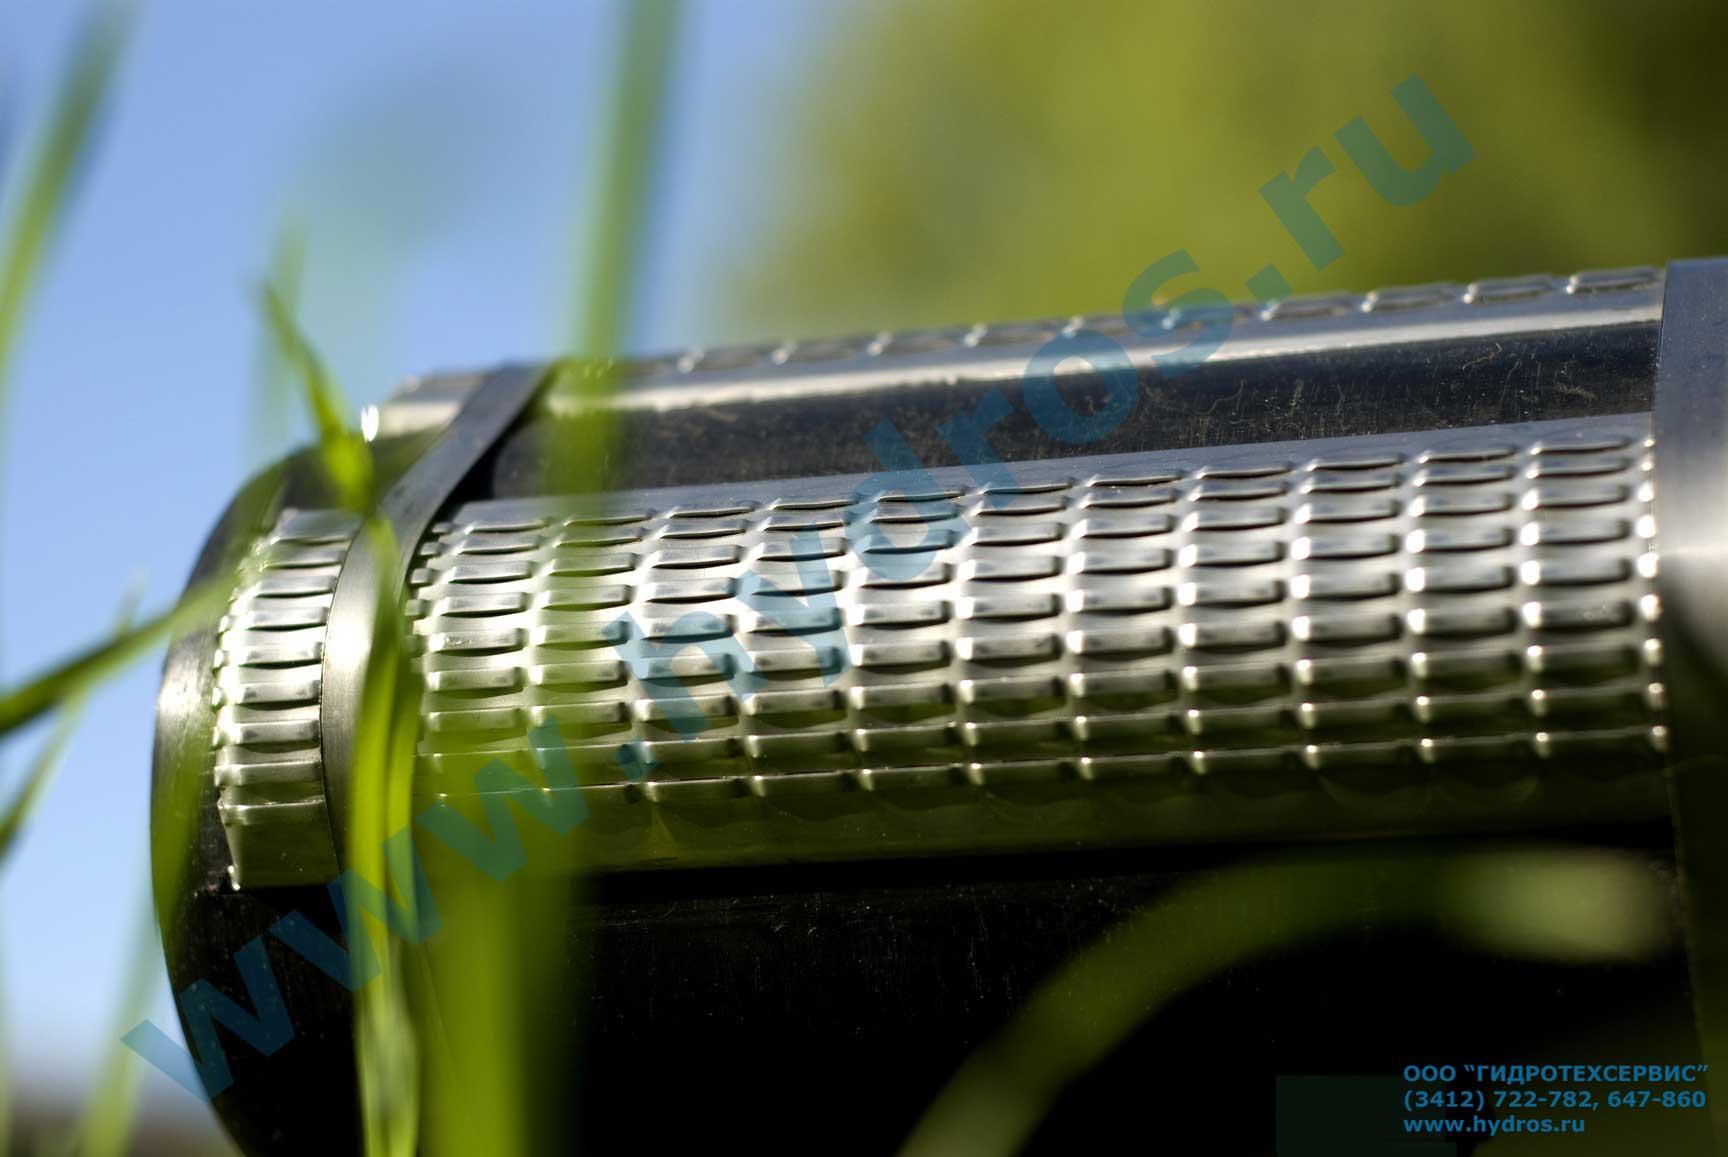 скорый-фильтр-дренажно-распределительная-система-дрс-Гидротехсервис-труба